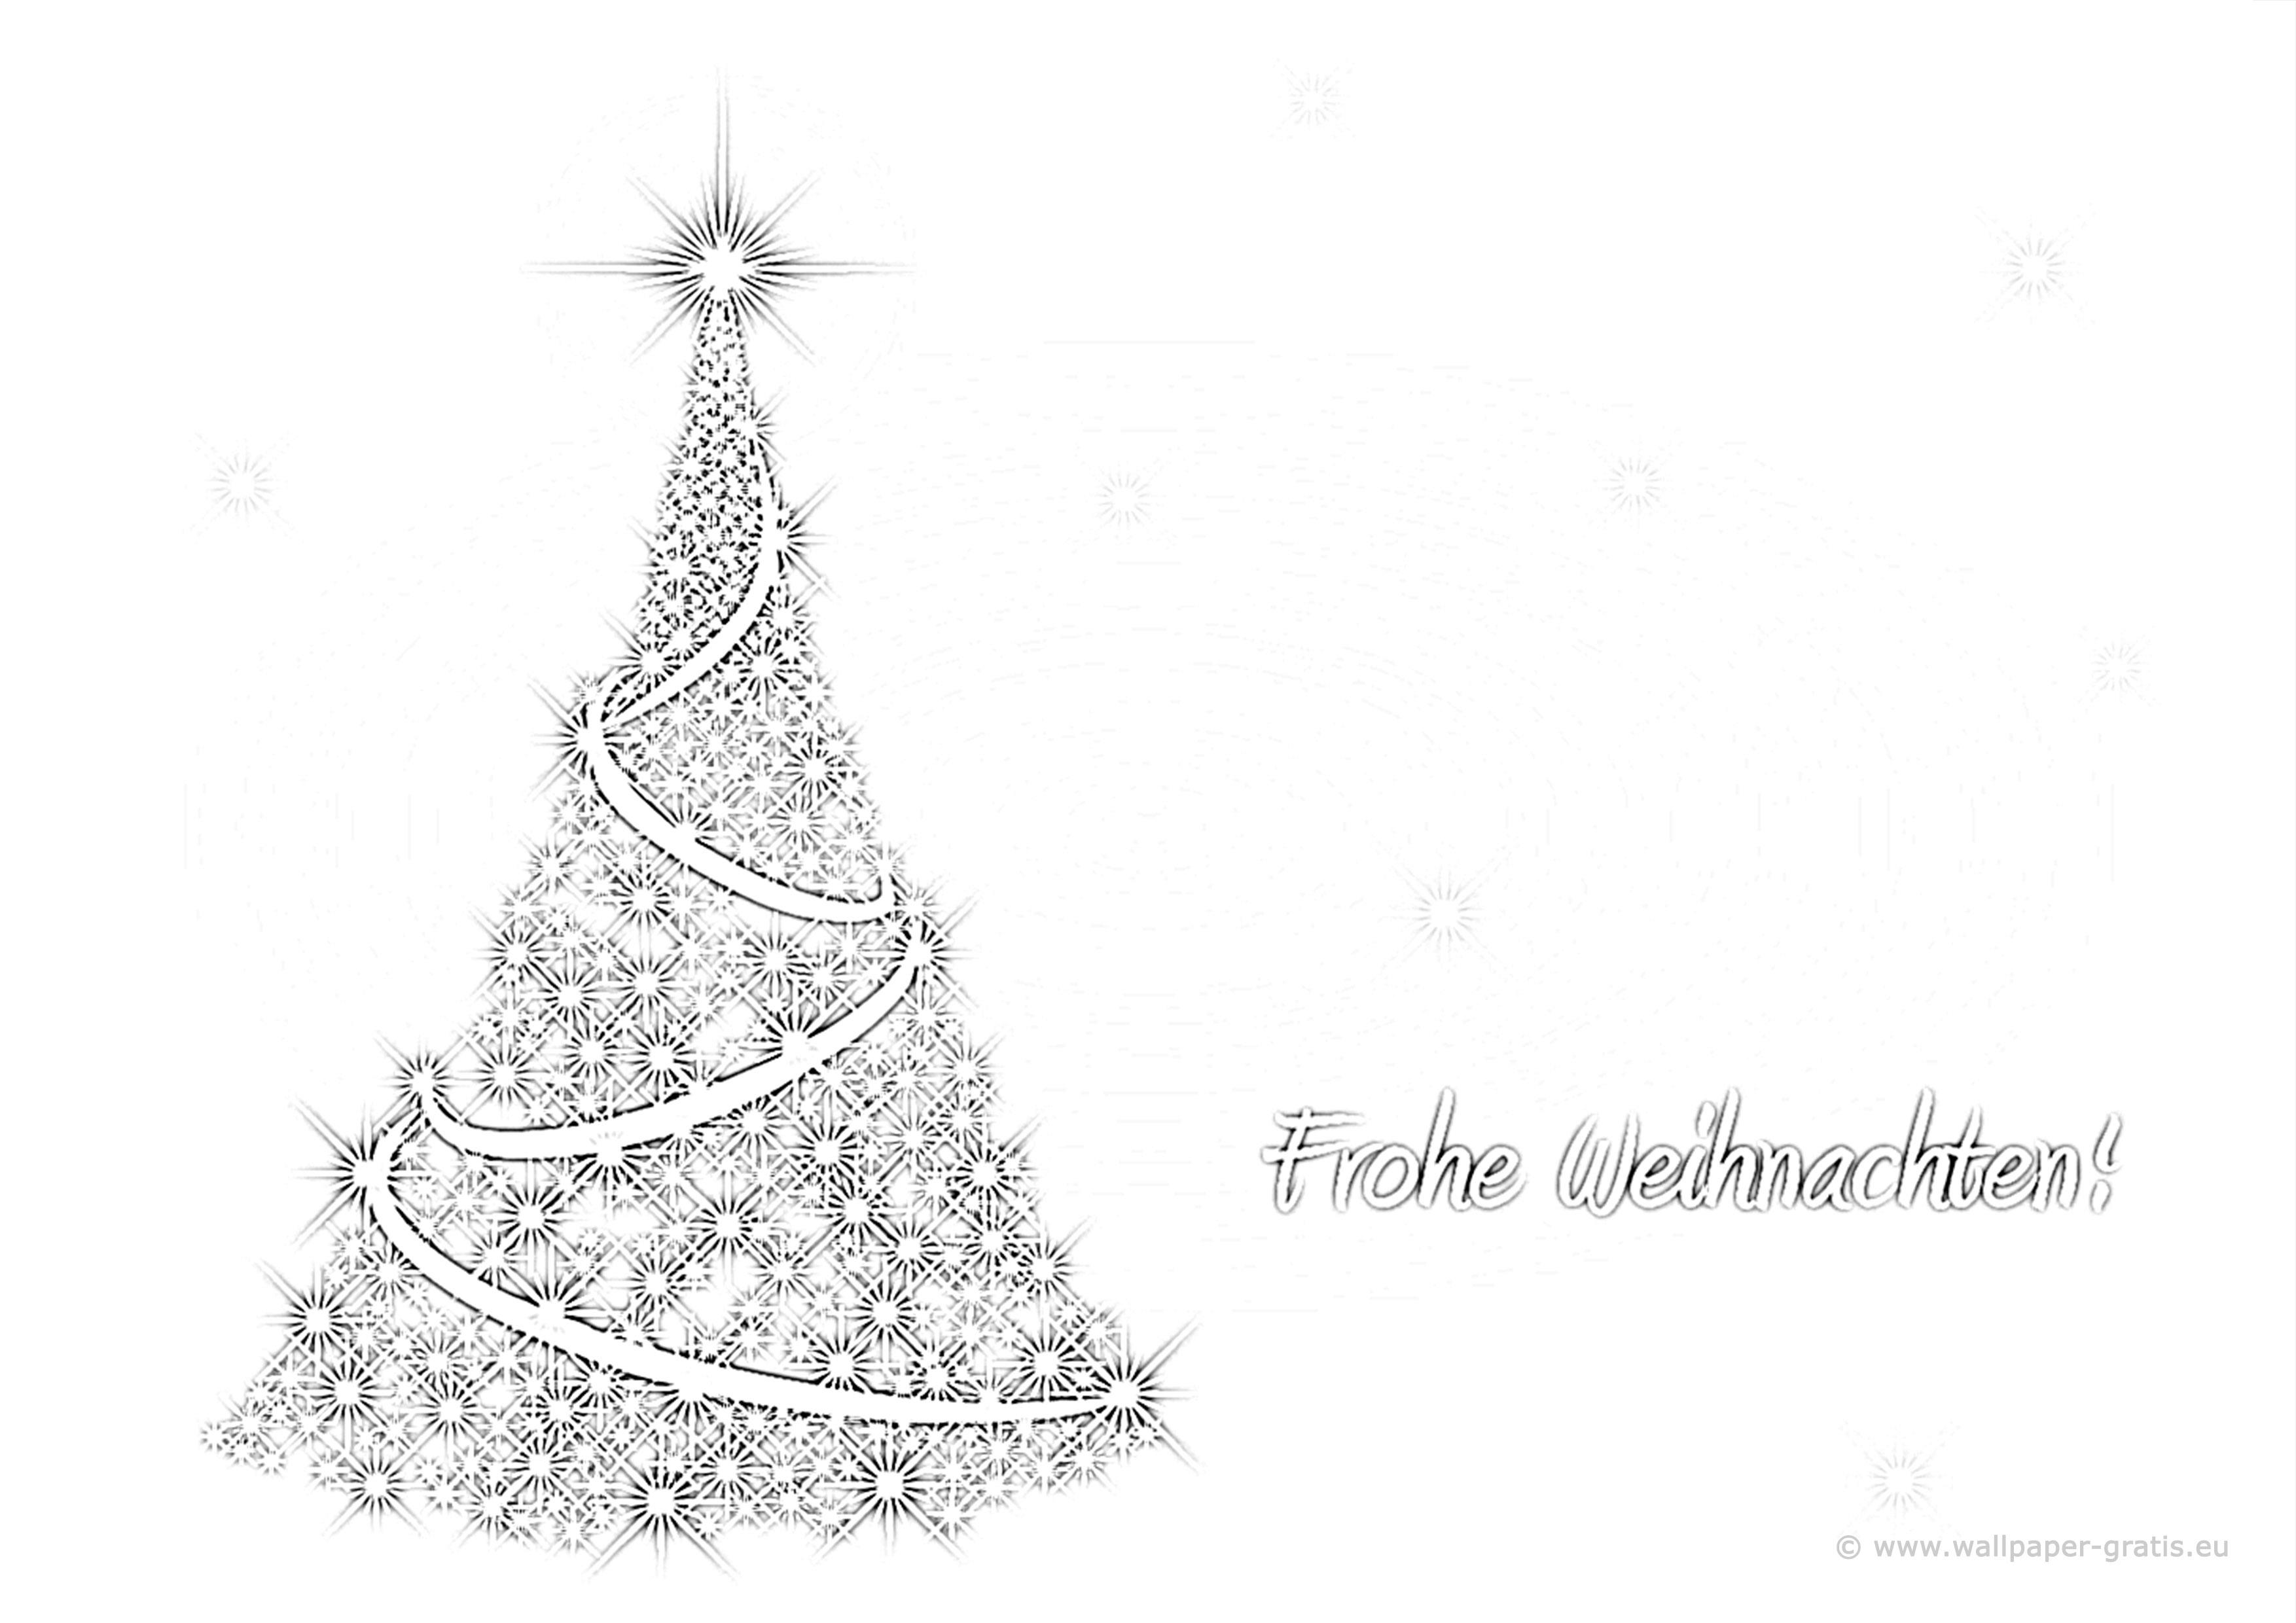 frohe weihnachten 003 kostenloses hintergrundbild f r. Black Bedroom Furniture Sets. Home Design Ideas